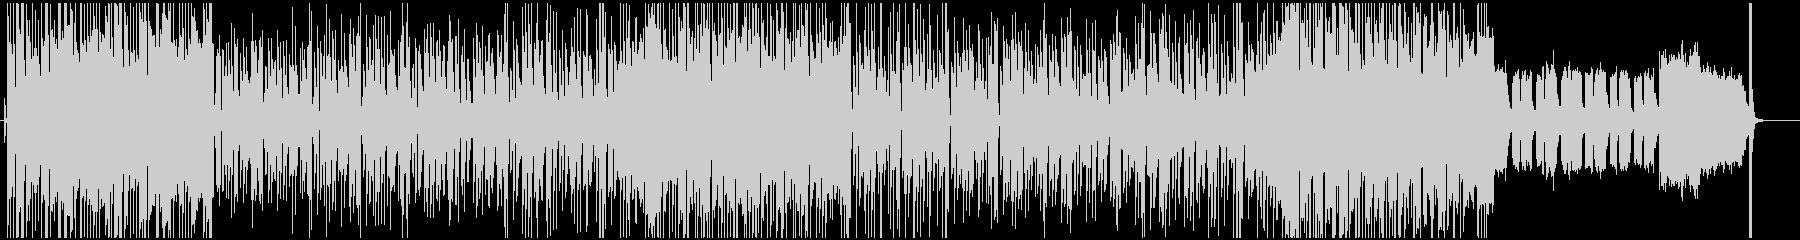 オルガンでルーツレゲエ調ポップスバラードの未再生の波形